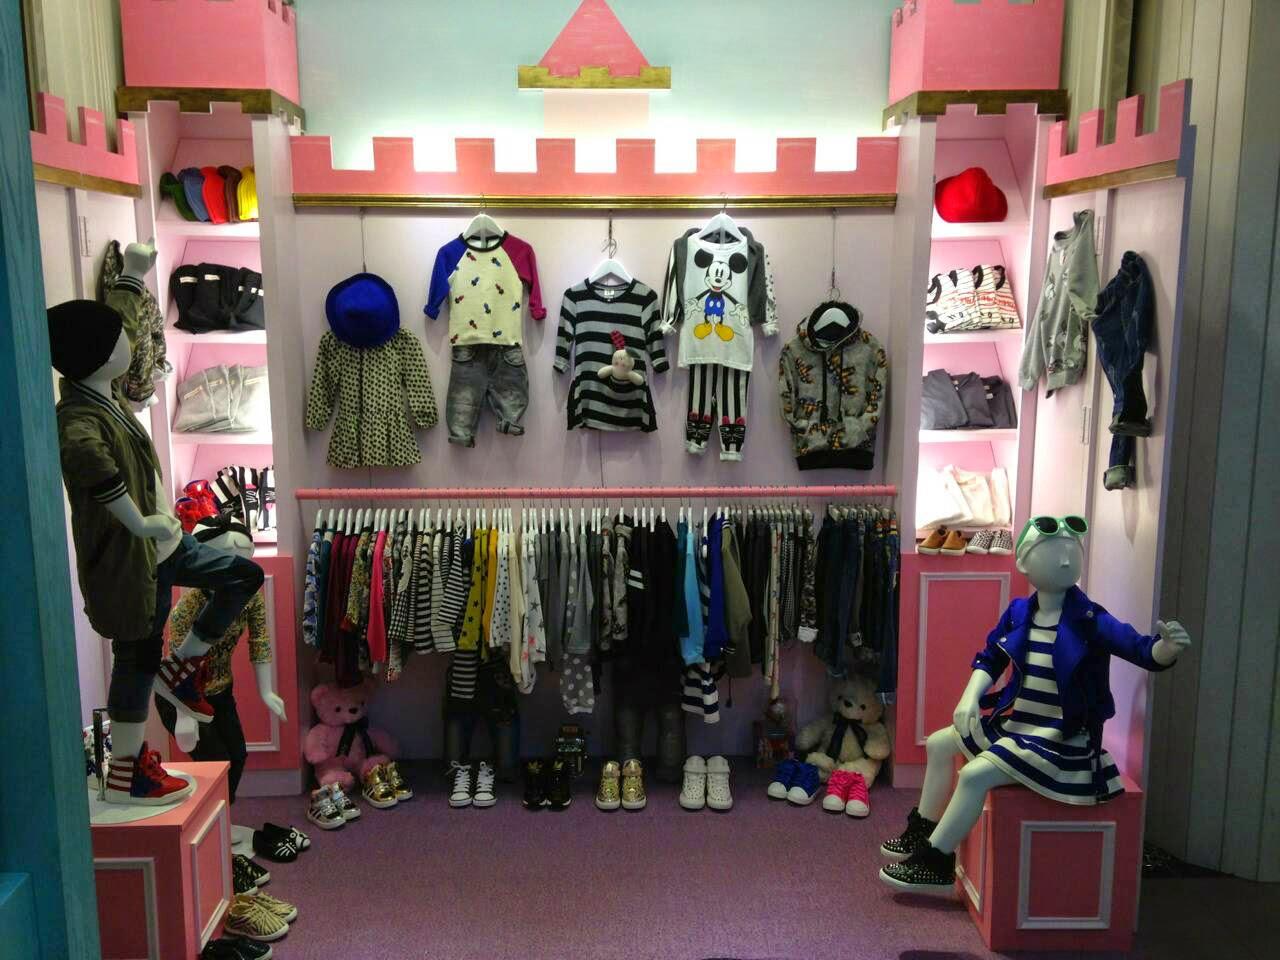 童裝服飾店面:Q da – 小坪數室內設計裝潢案例